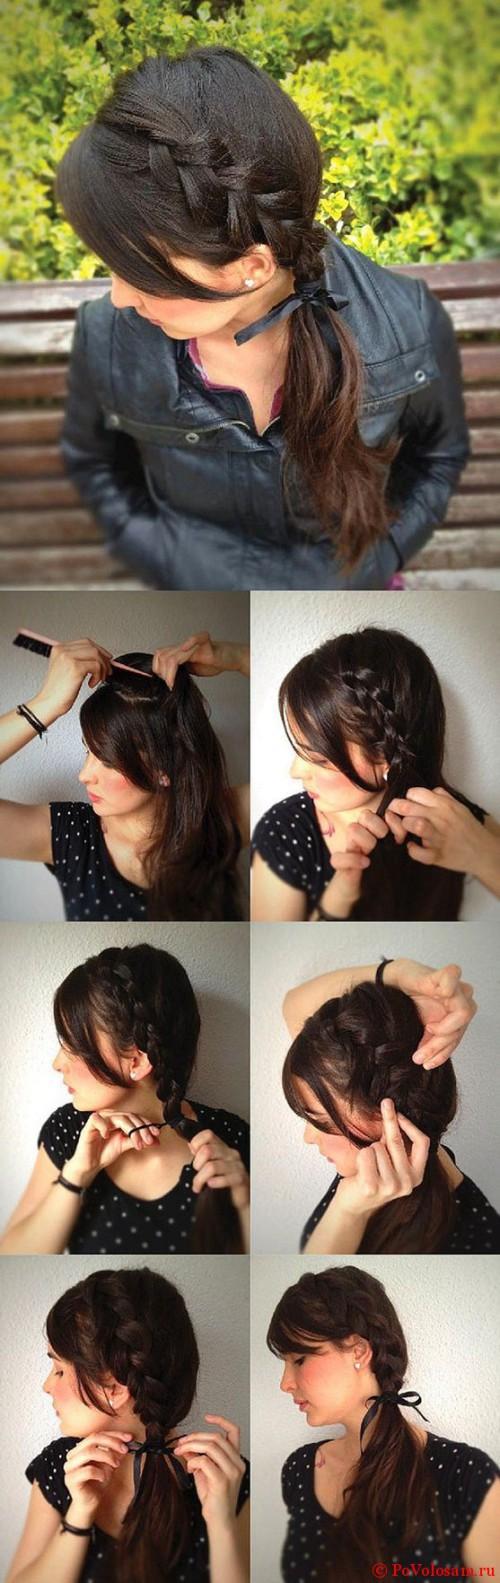 ретро коса